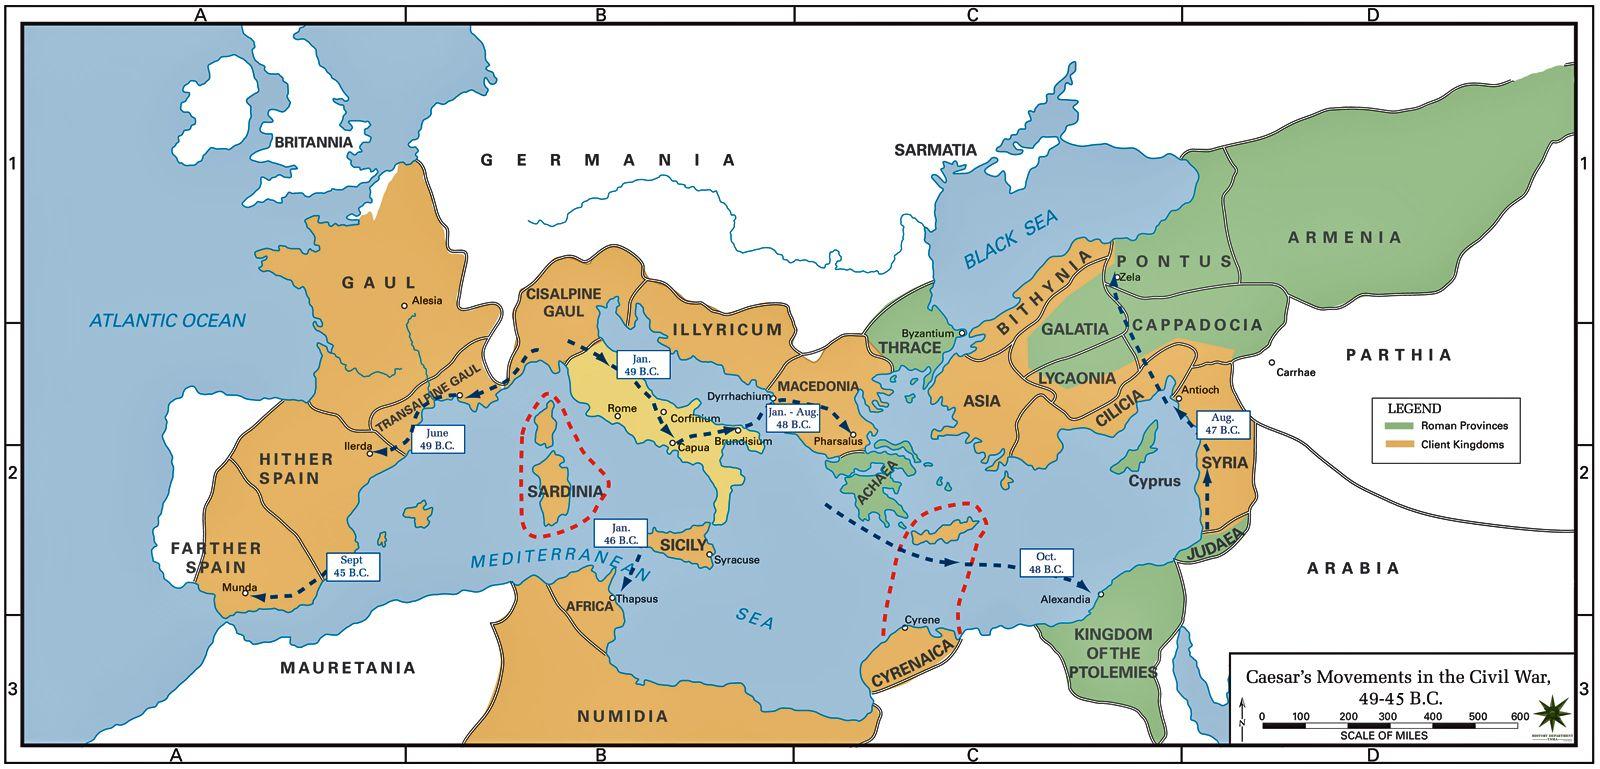 roman empire augustus map 40 Maps That Explain The Roman Empire Roman Empire Byzantine roman empire augustus map